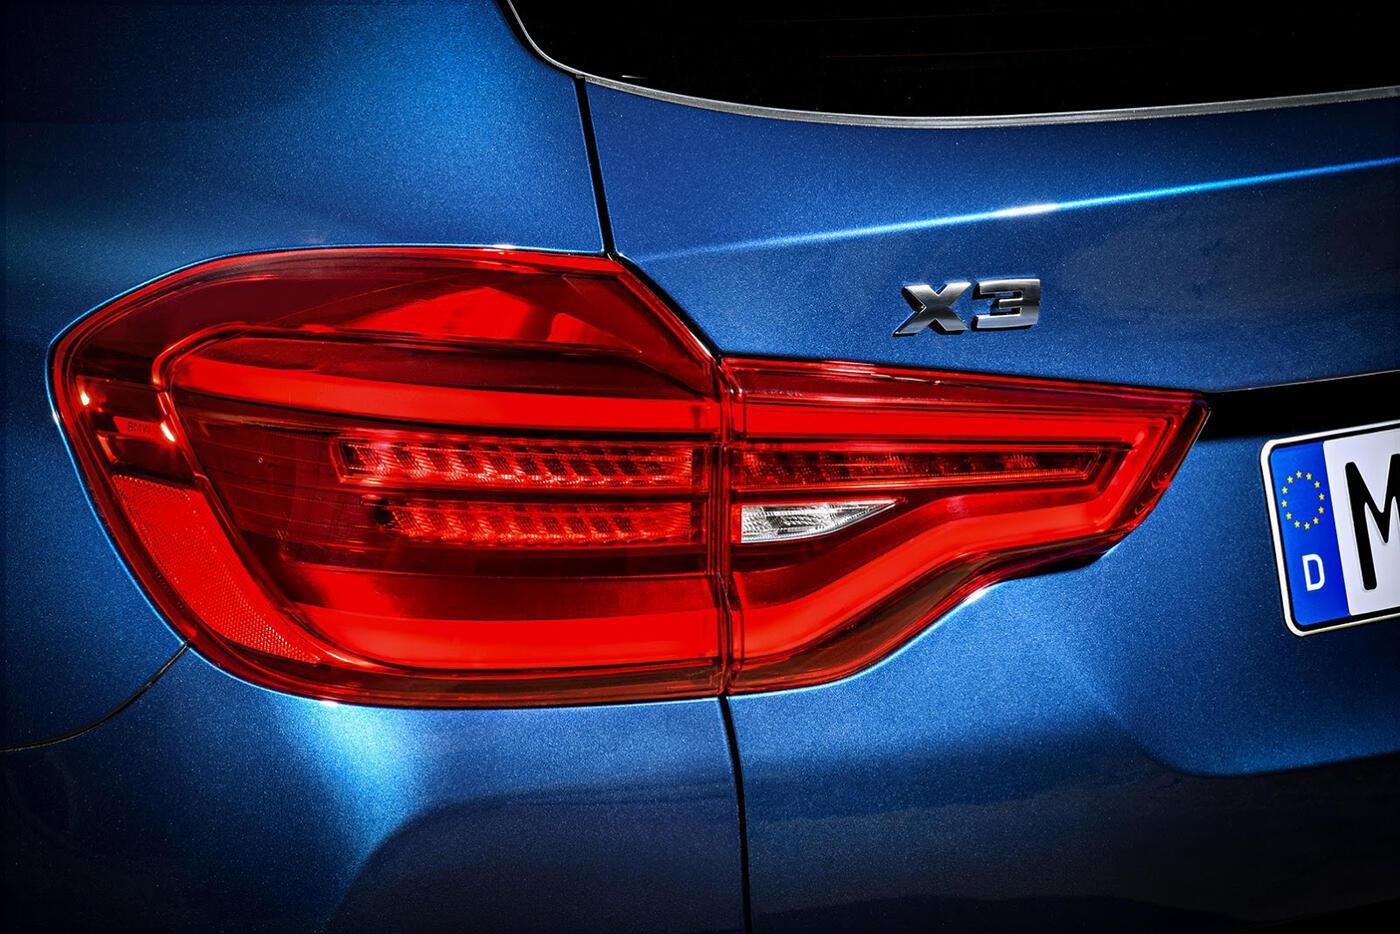 BMW X3 2018 chính thức trình làng, thêm nhiều trang bị mới - Hình 7